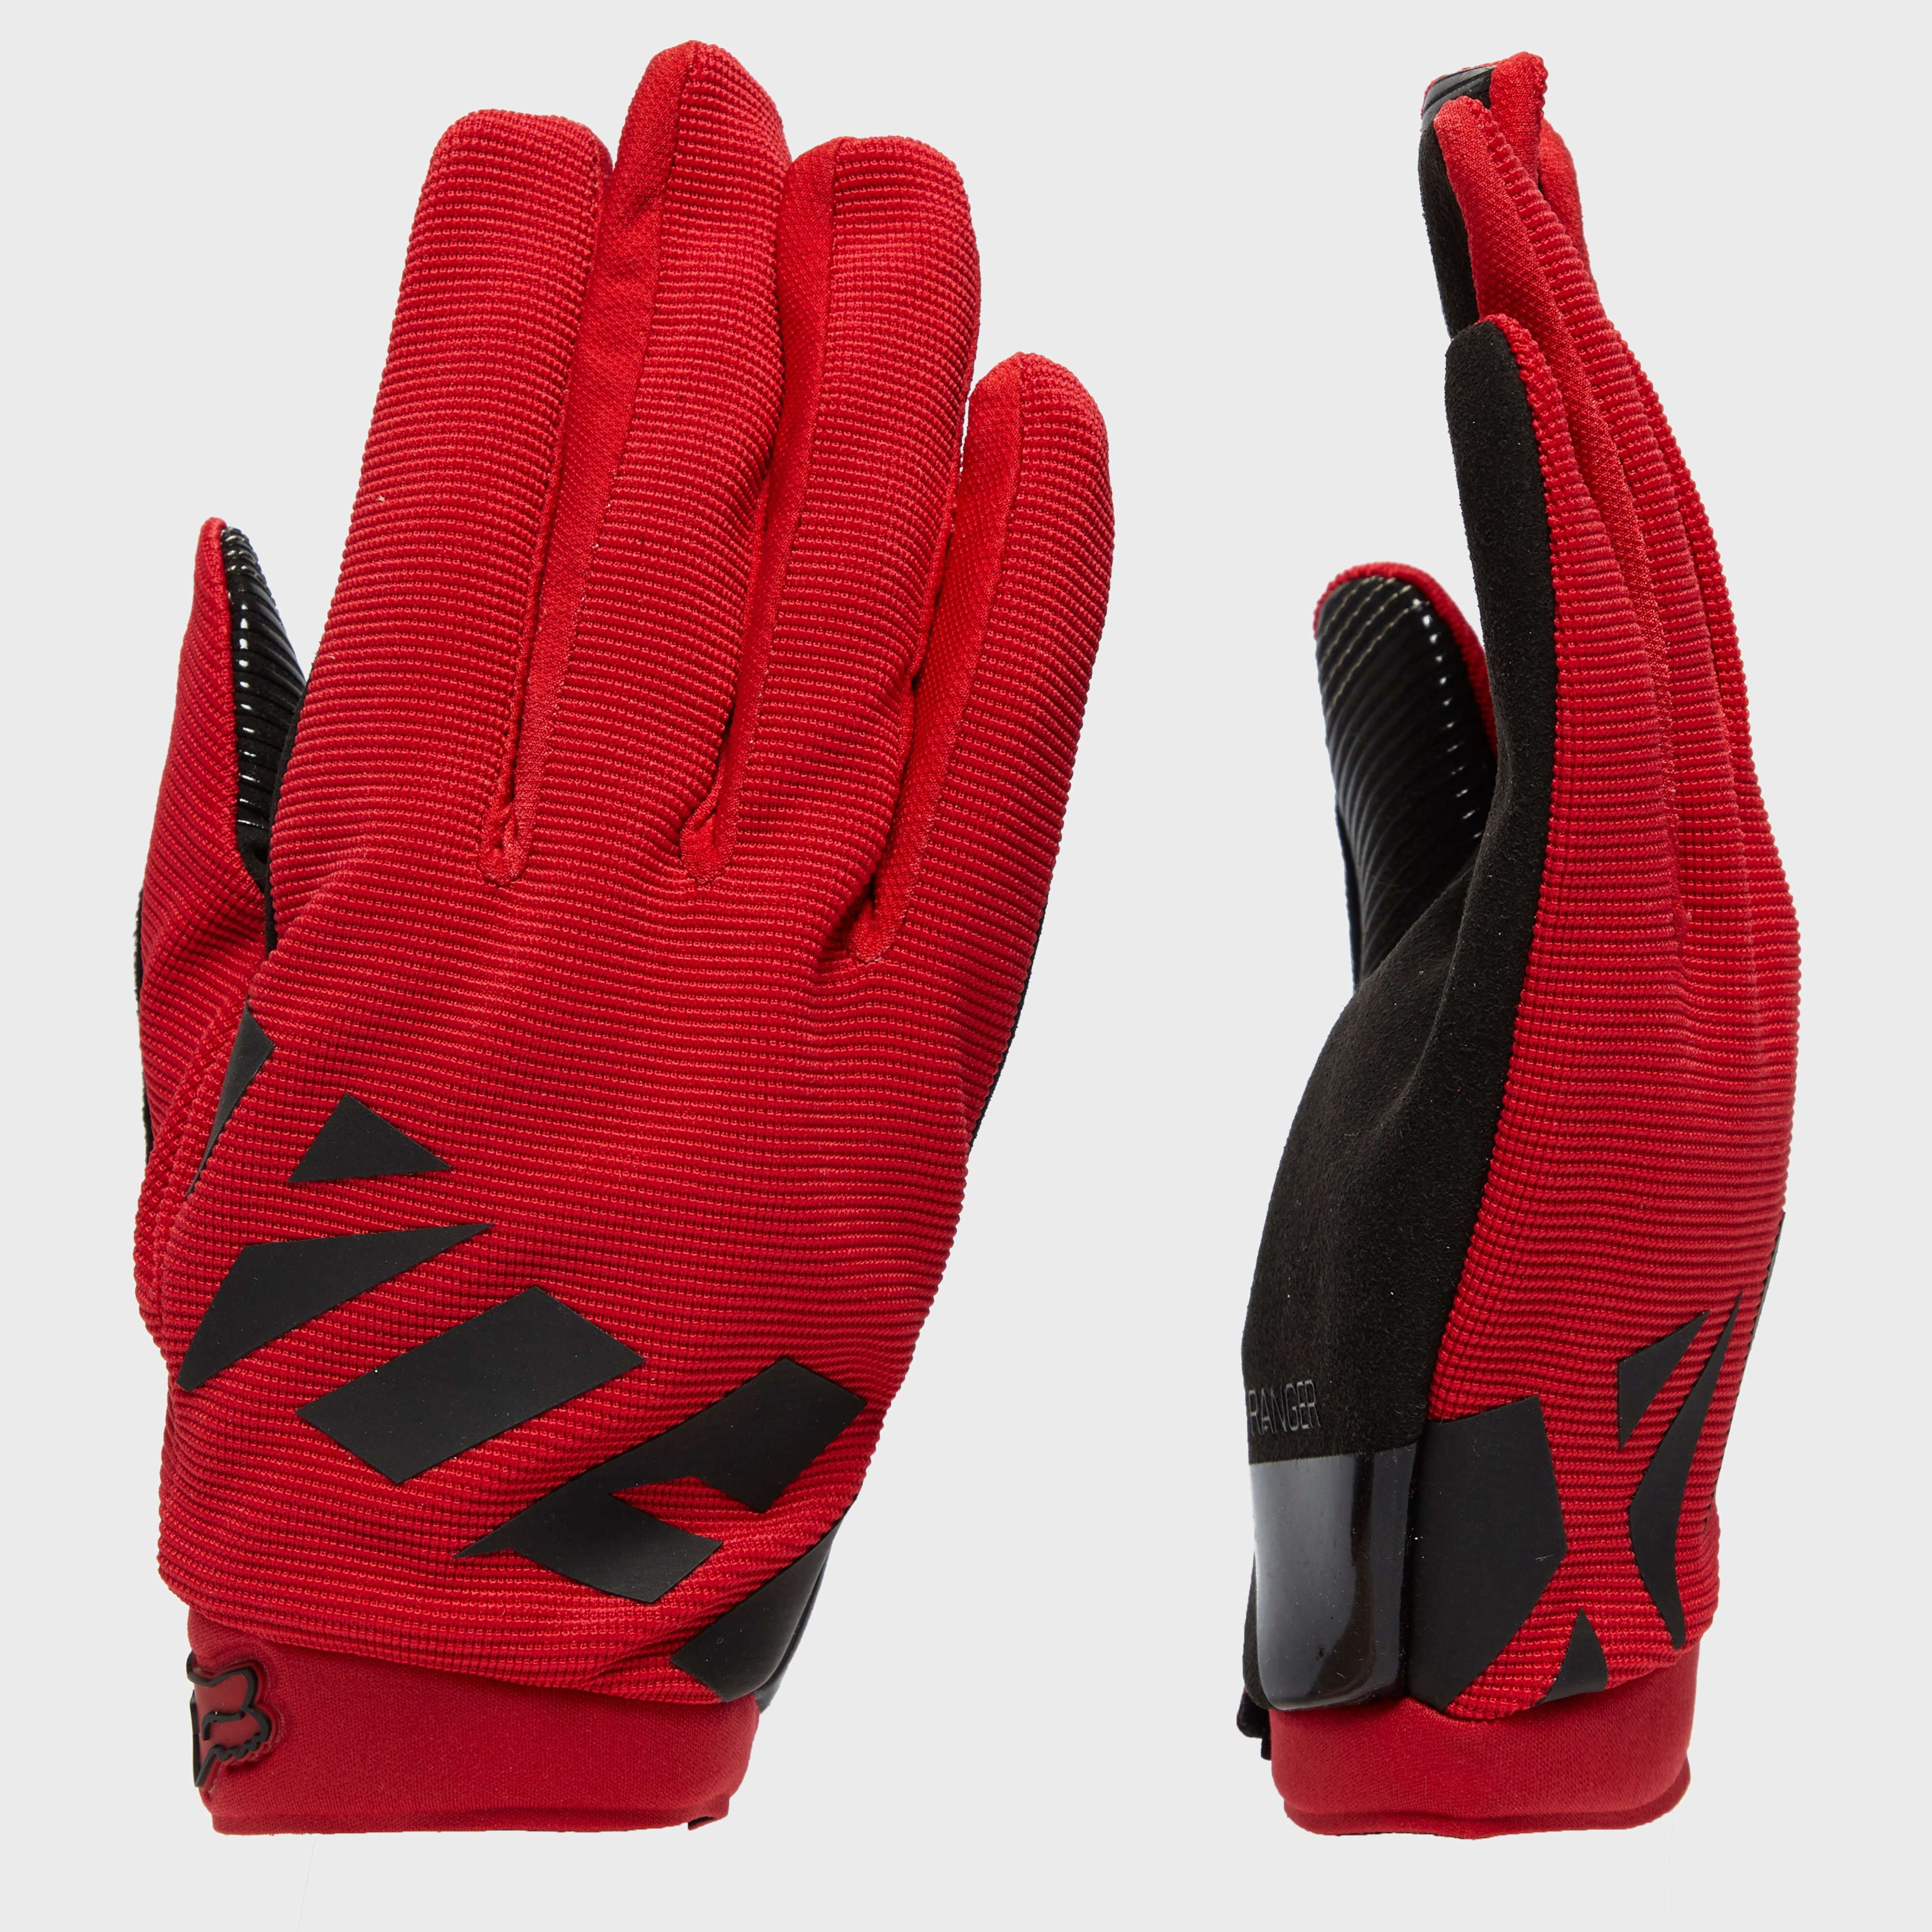 FOX Ranger Mountain Bike  Glove